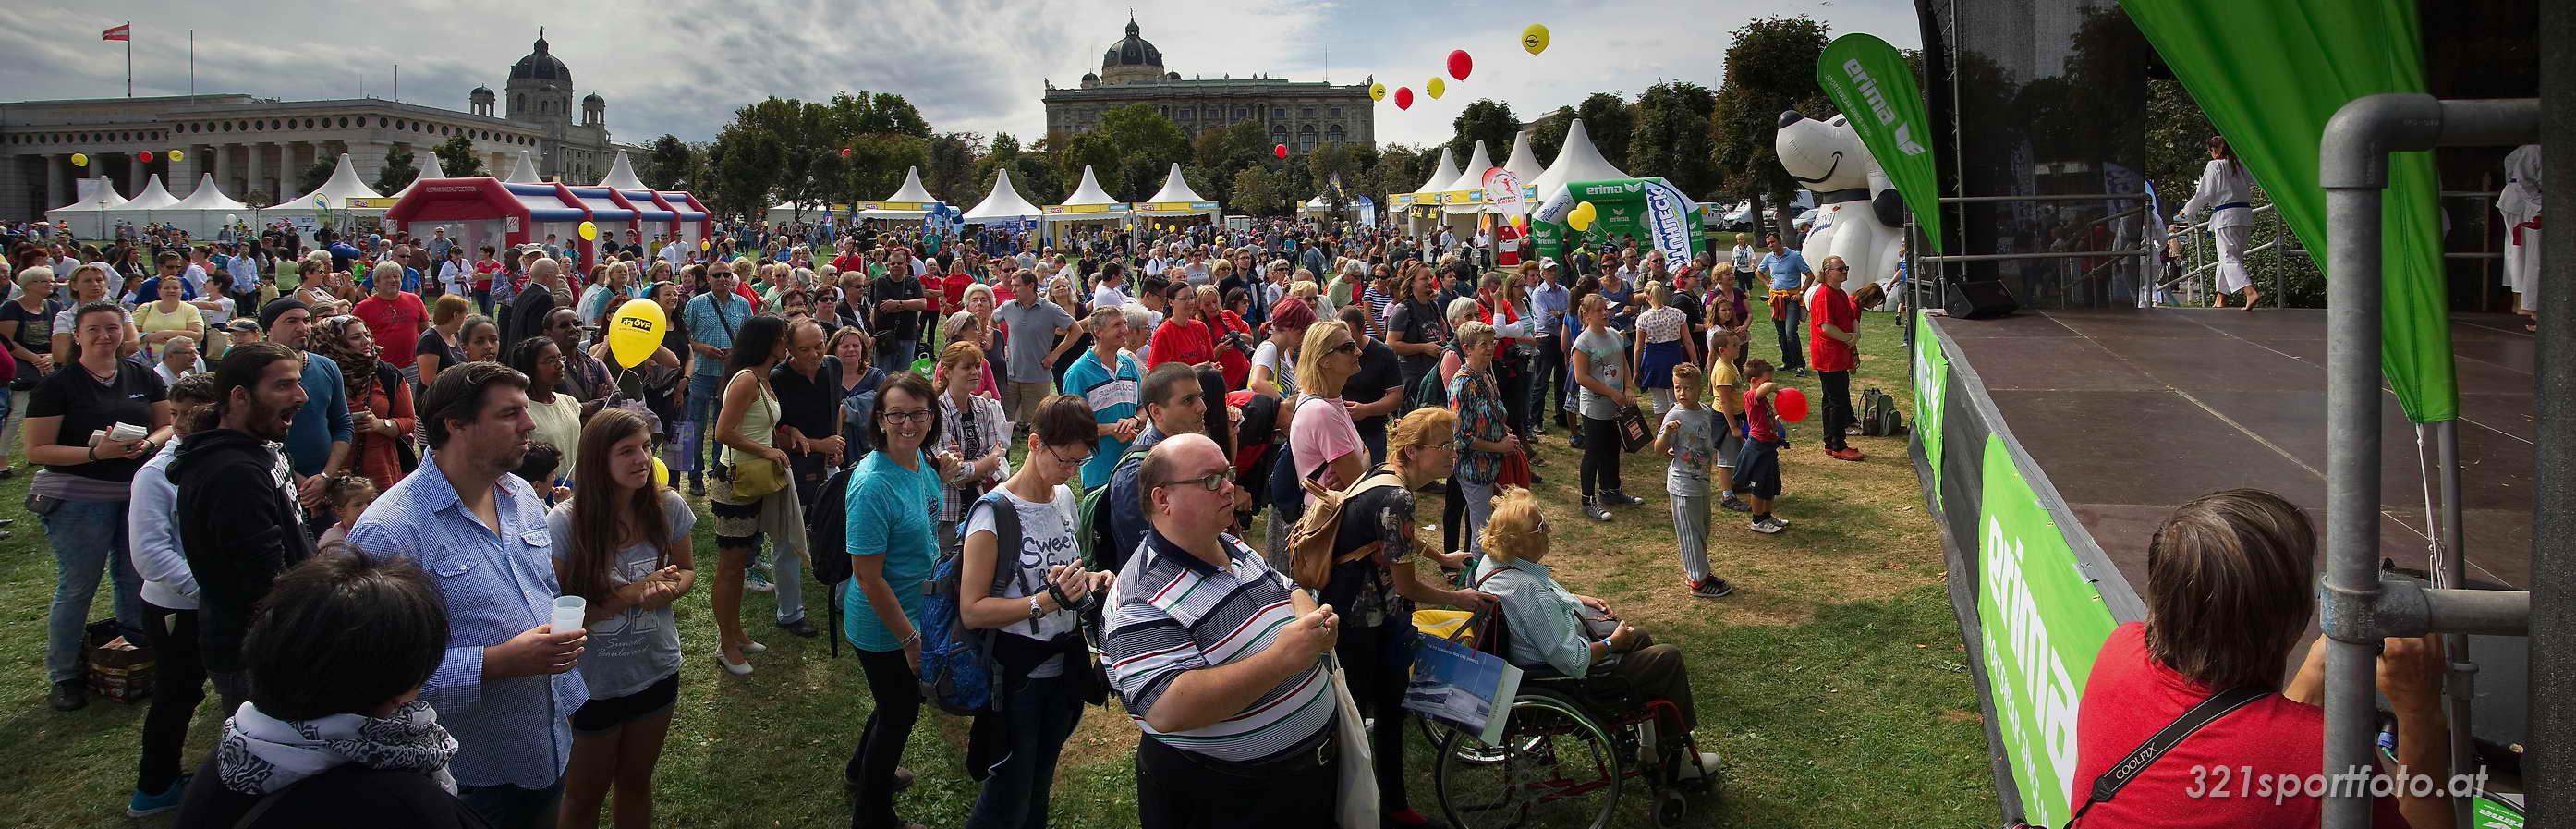 Tag des Sports vor der Wiener Hofburg am 19.09.2015